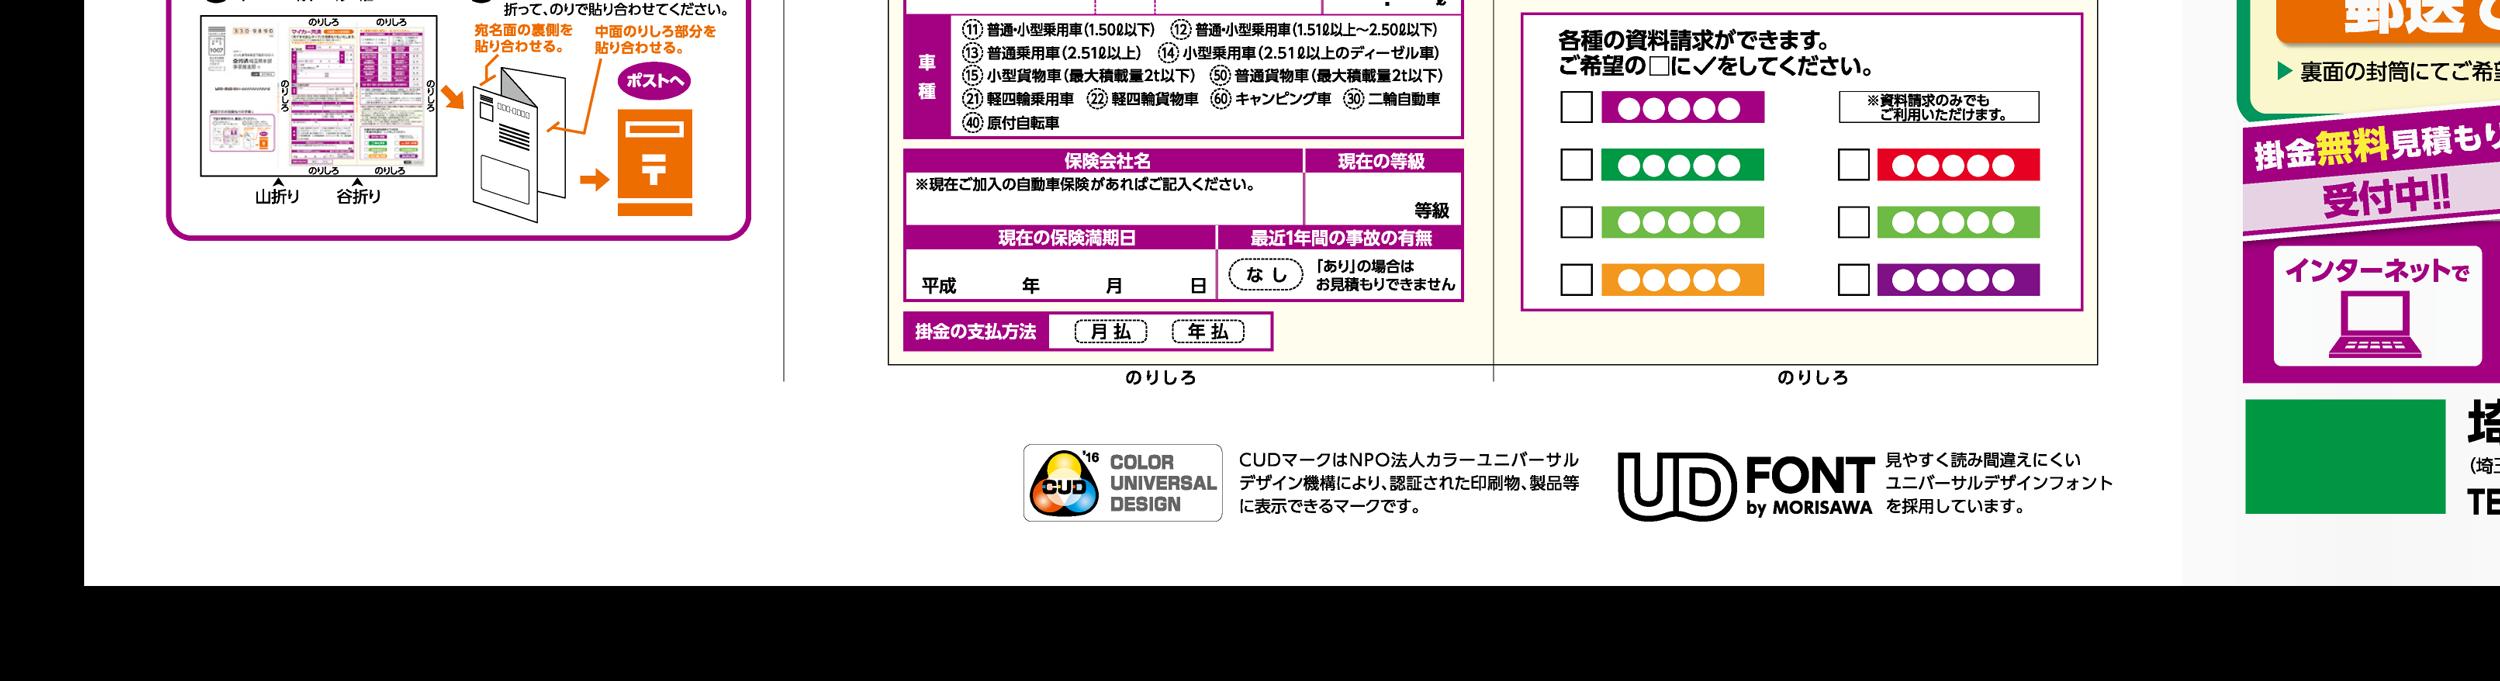 パンフレットへのCUDマーク記載イメージ